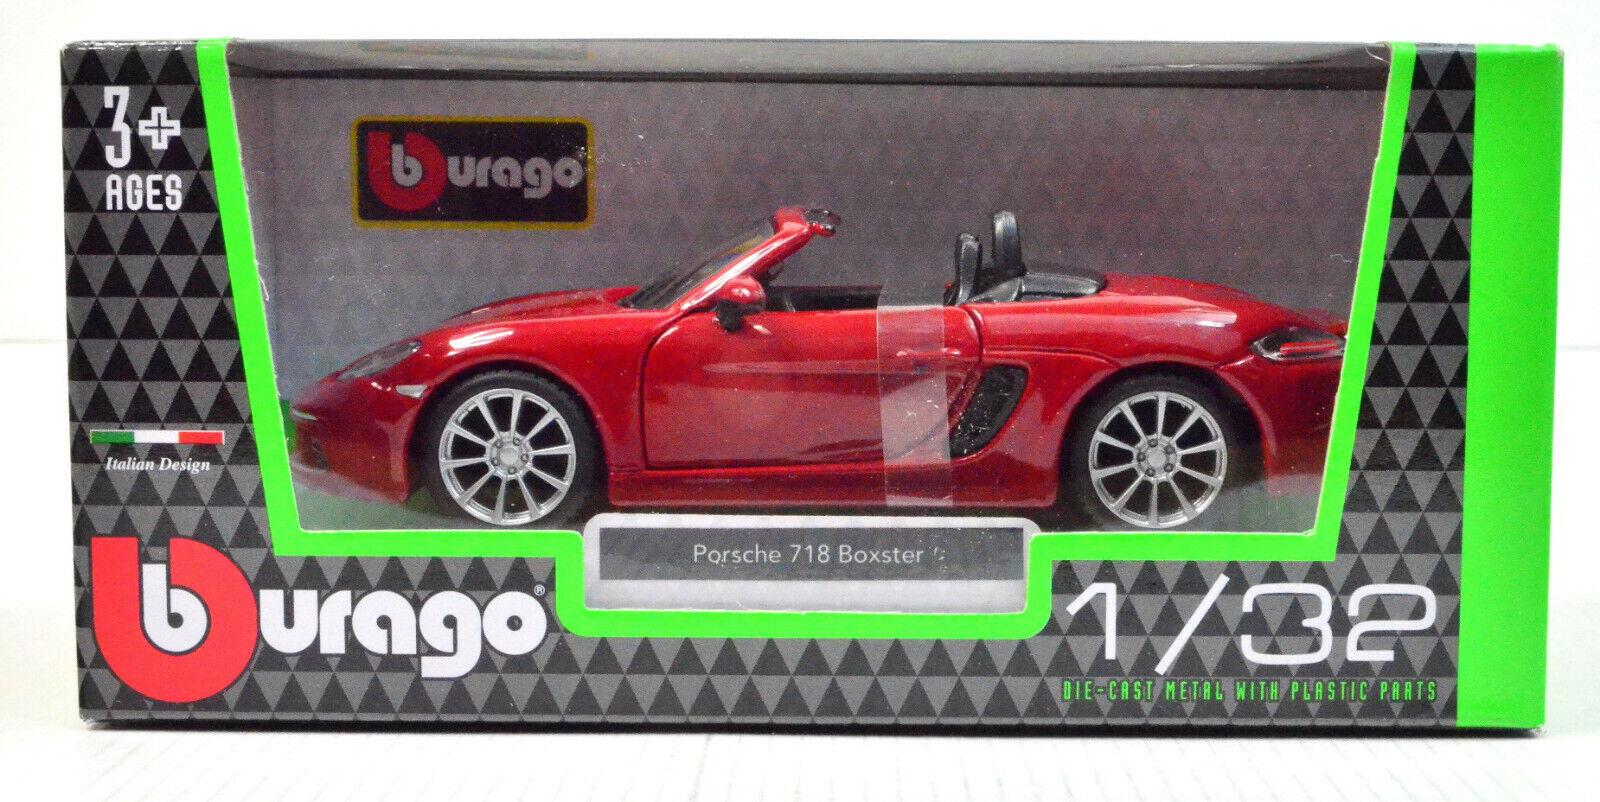 Porsche 718 Boxter rot von Bburago Maßstab 1:32